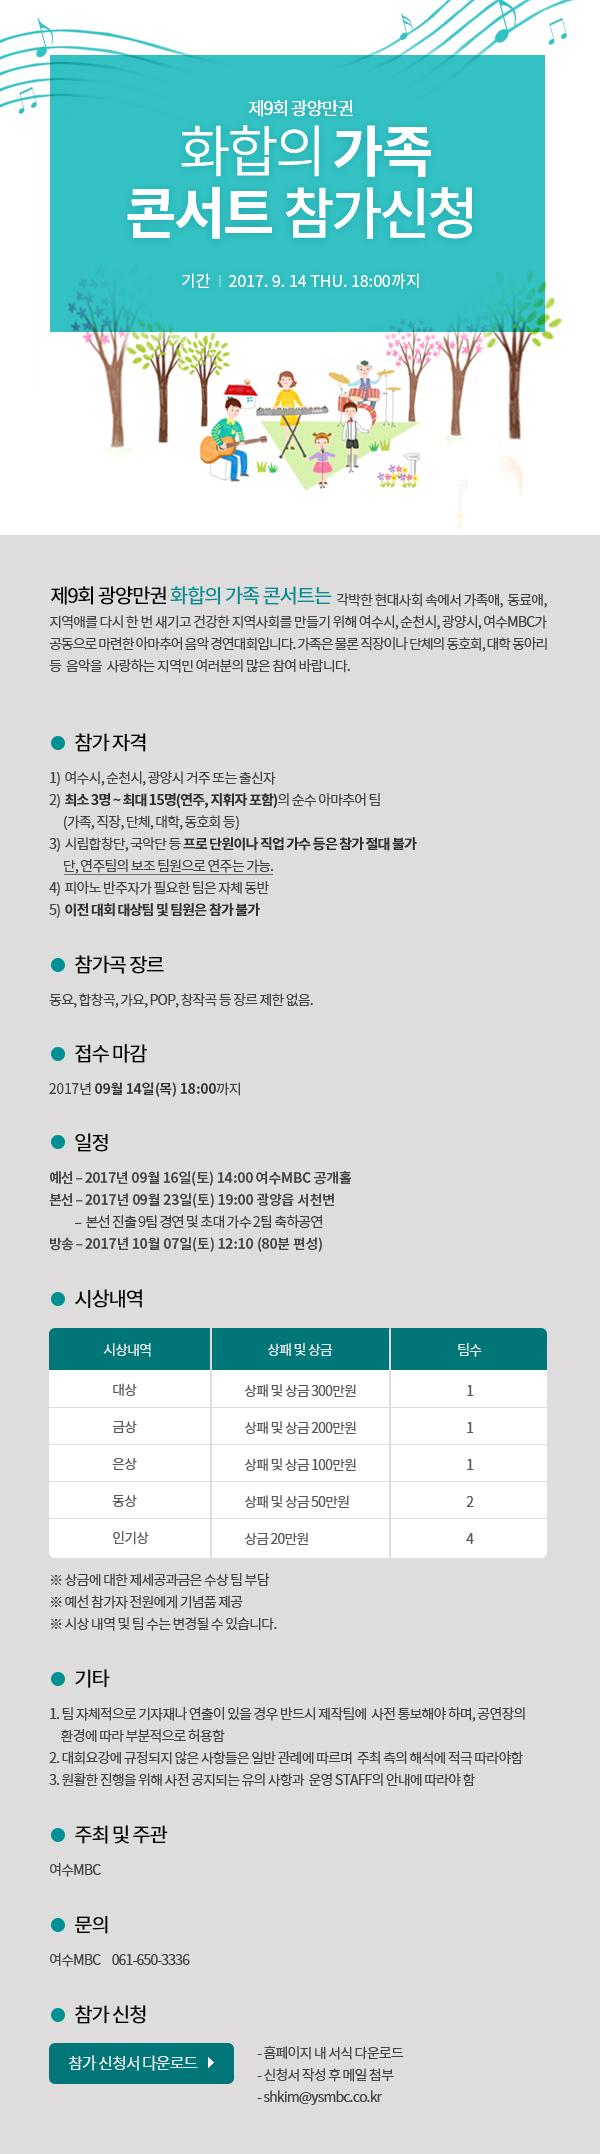 제9회 광양만권 화합의 가족콘서트 참가신청 행사정보